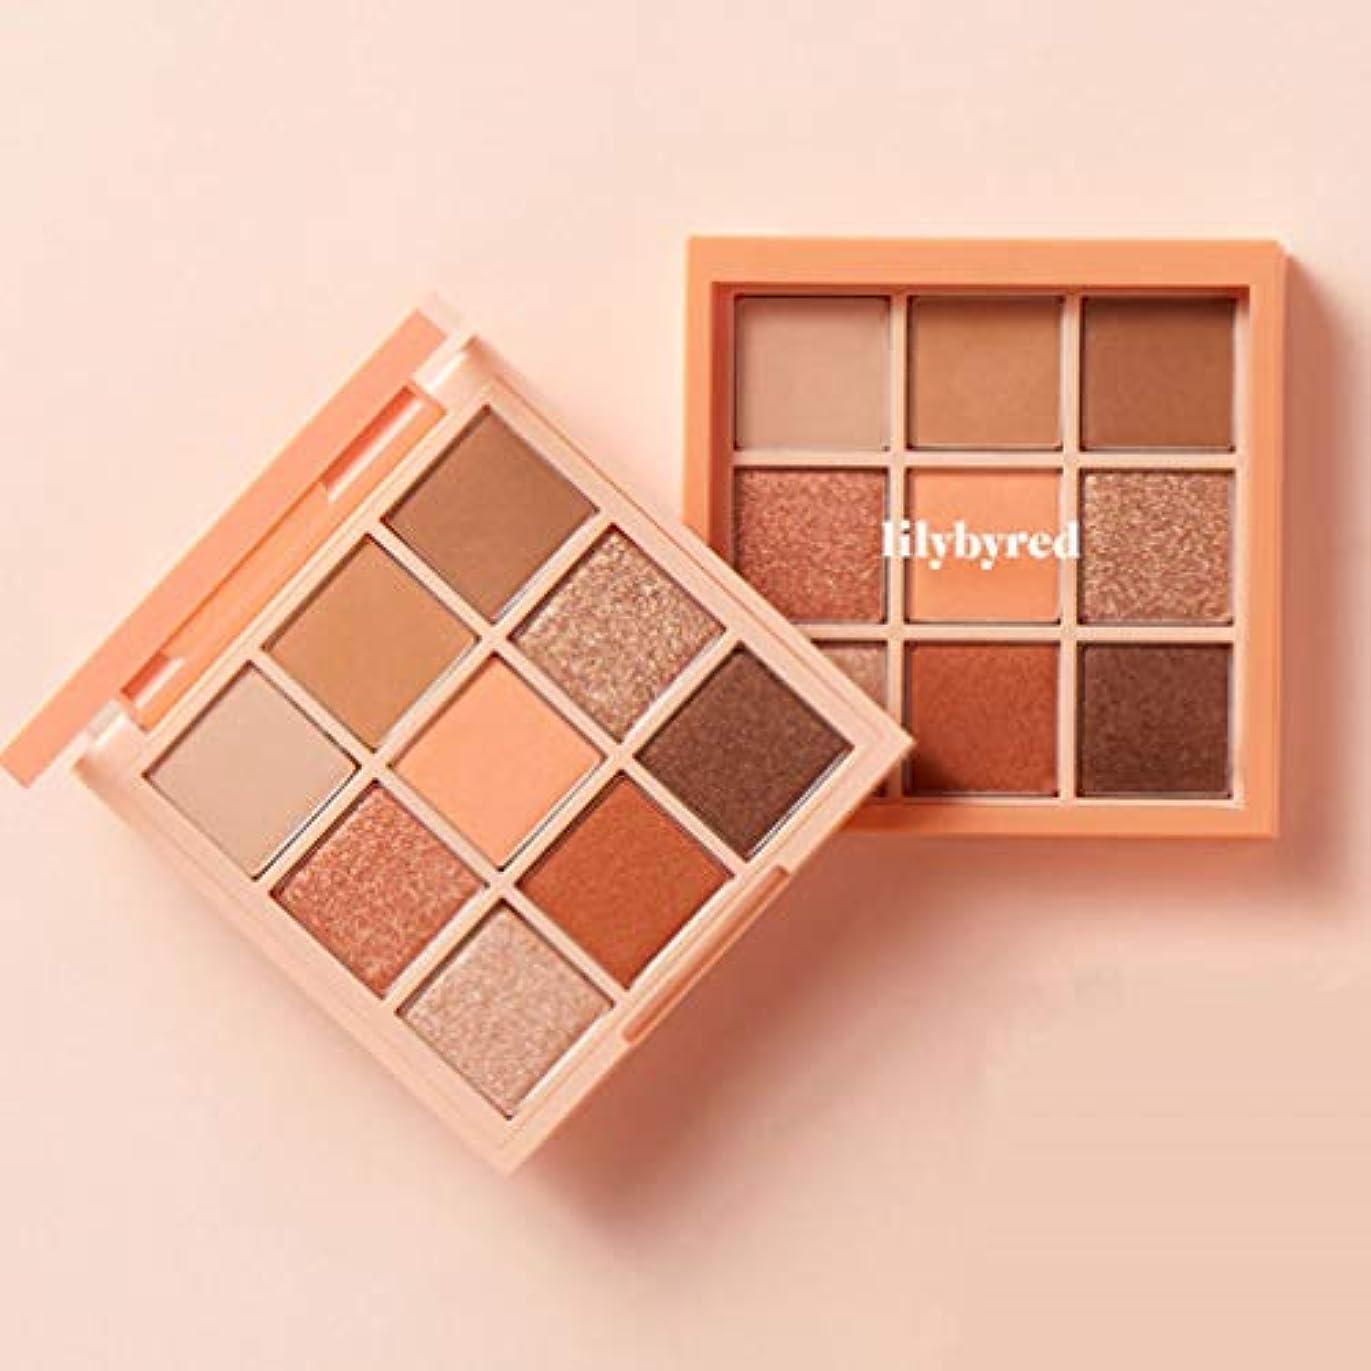 普遍的なヘビローストLILYBYRED Mood Cheat Kit Eyeshadow Palette #Peach Energy 告発色、高密着、告知の中独歩的な高クオリティアイシャドウパレット9color(並行輸入品)